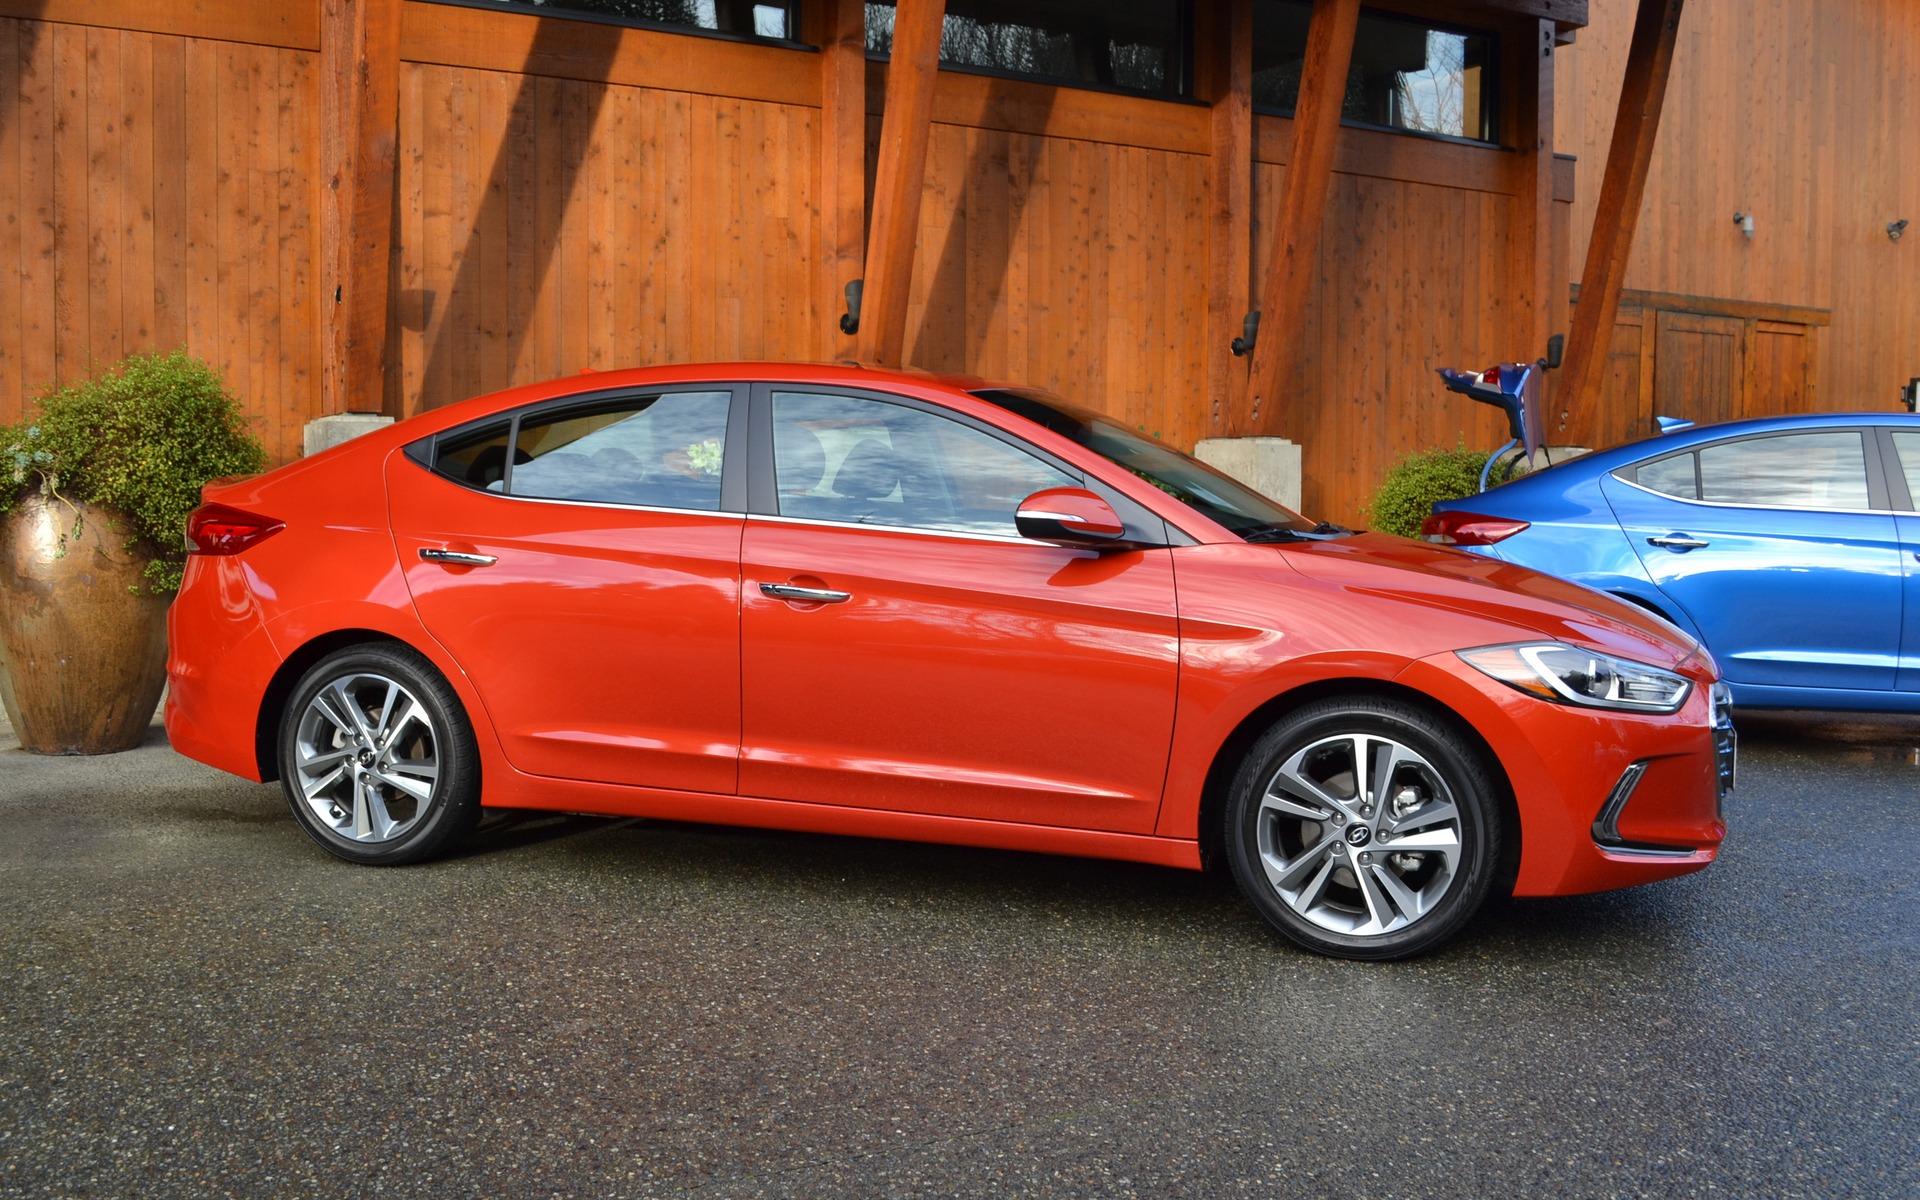 2017 Hyundai Elantra Taking The Honda Civic Head On 5 31